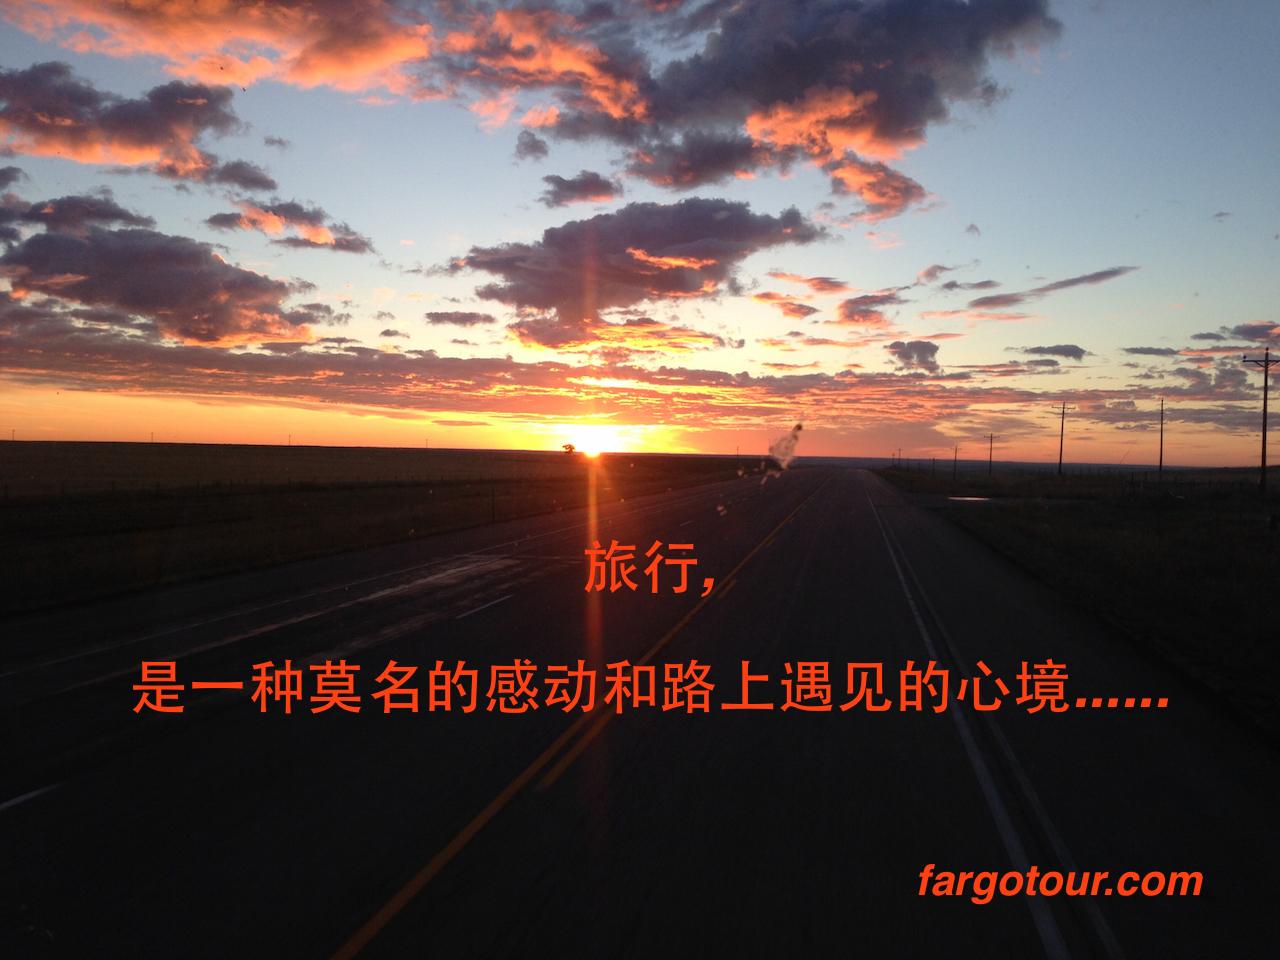 FargoTour